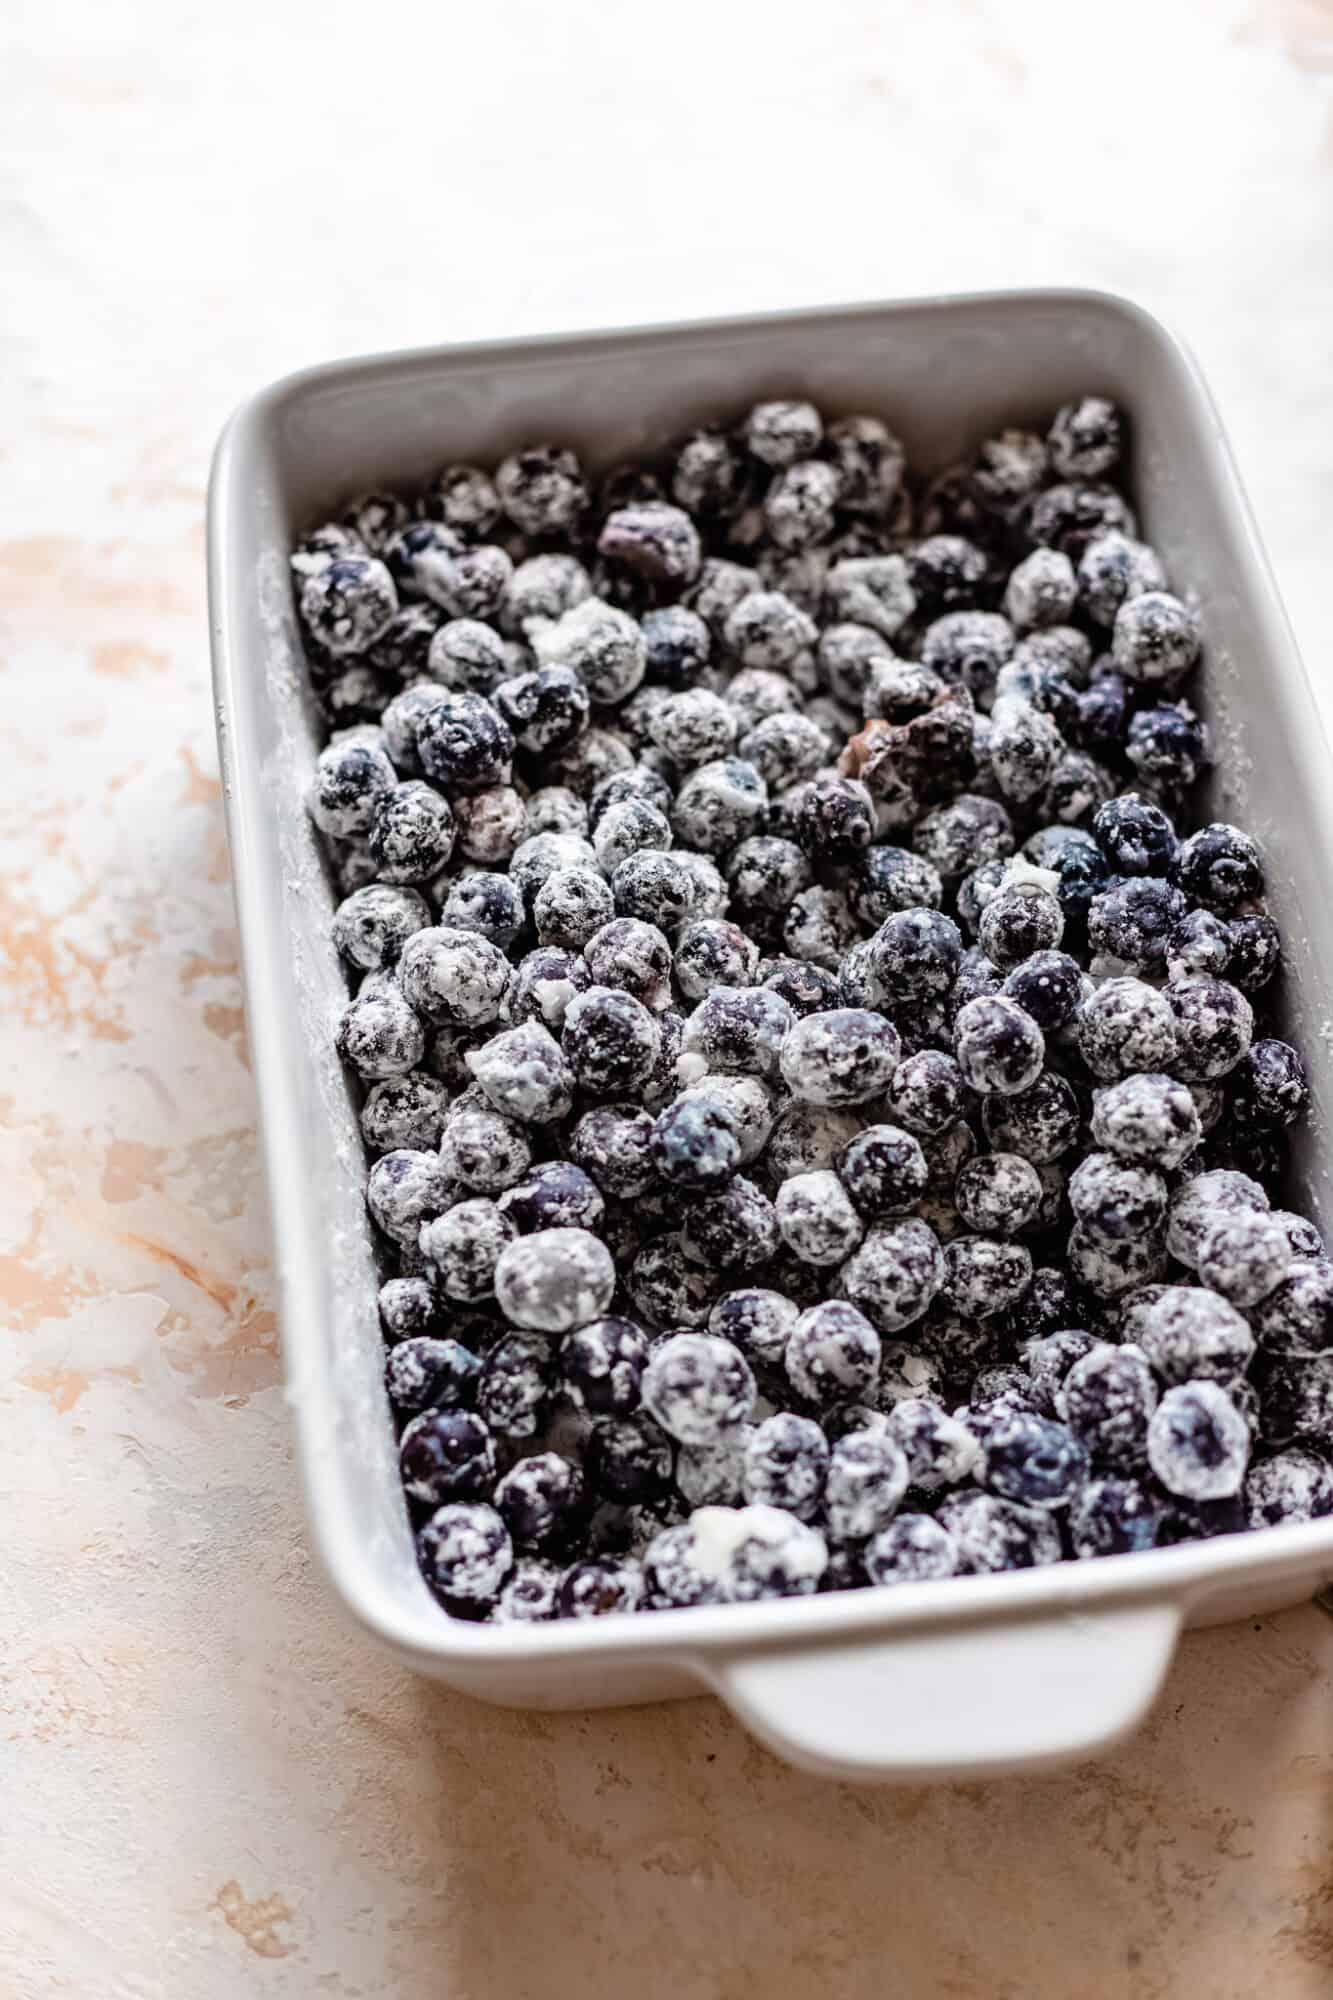 blueberries tossed in arrowroot powder